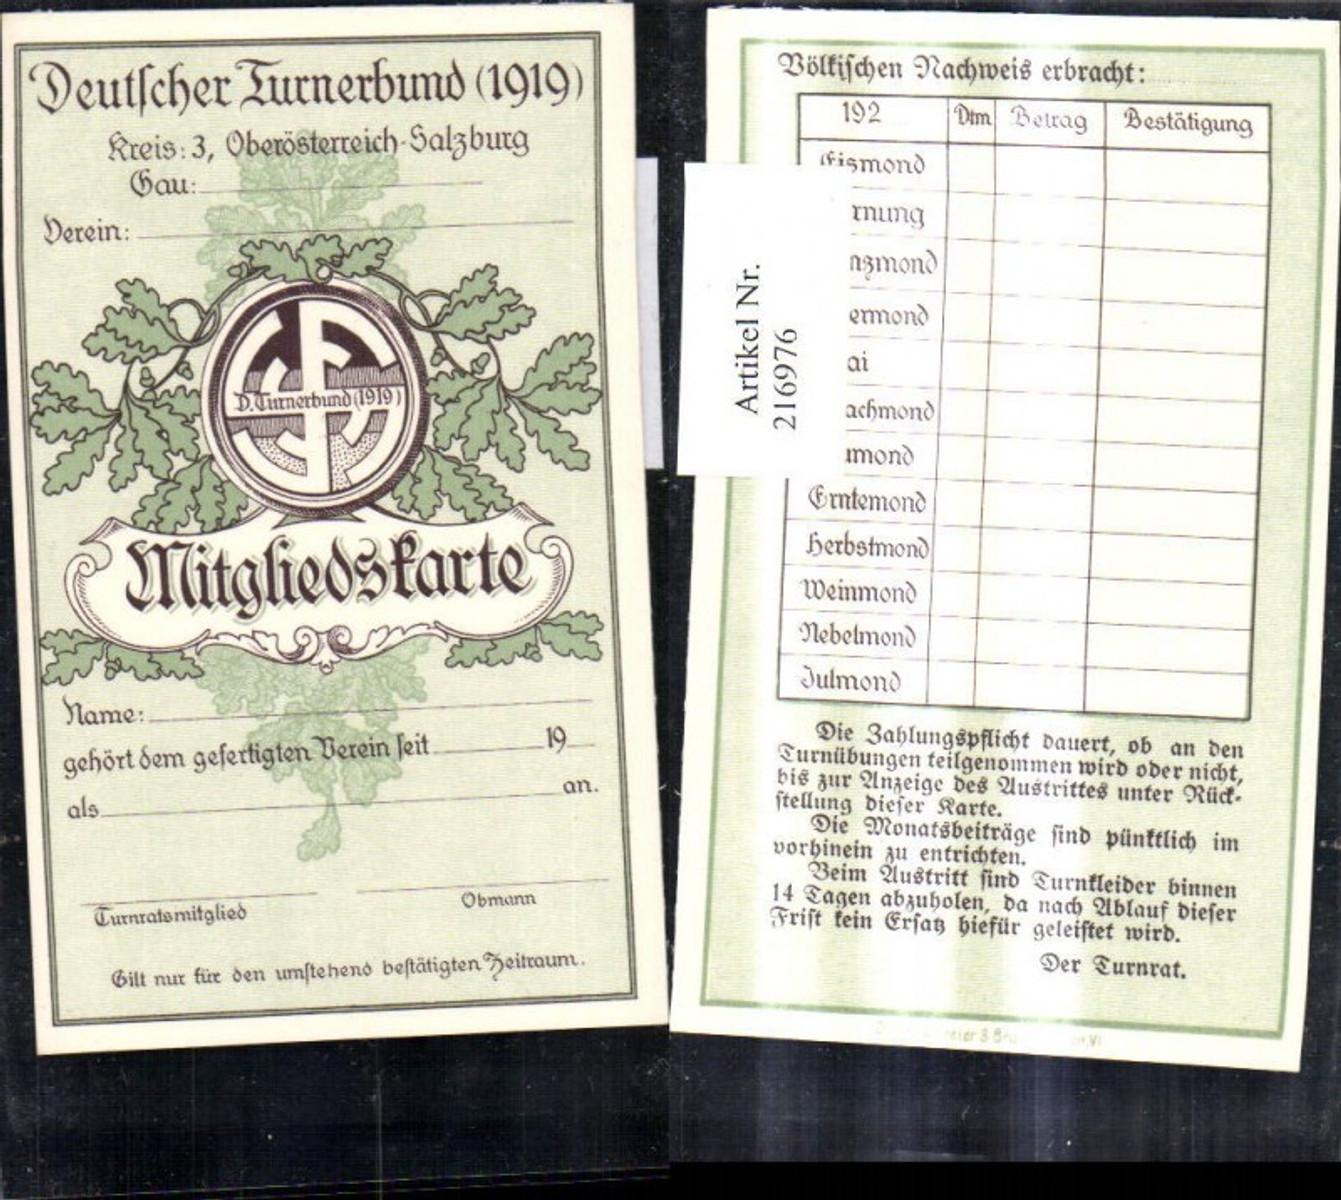 216976,Sport Turnen Mitgliedskarte Deutscher Turnerbund 1919 Oberösterreich Salzburg  günstig online kaufen